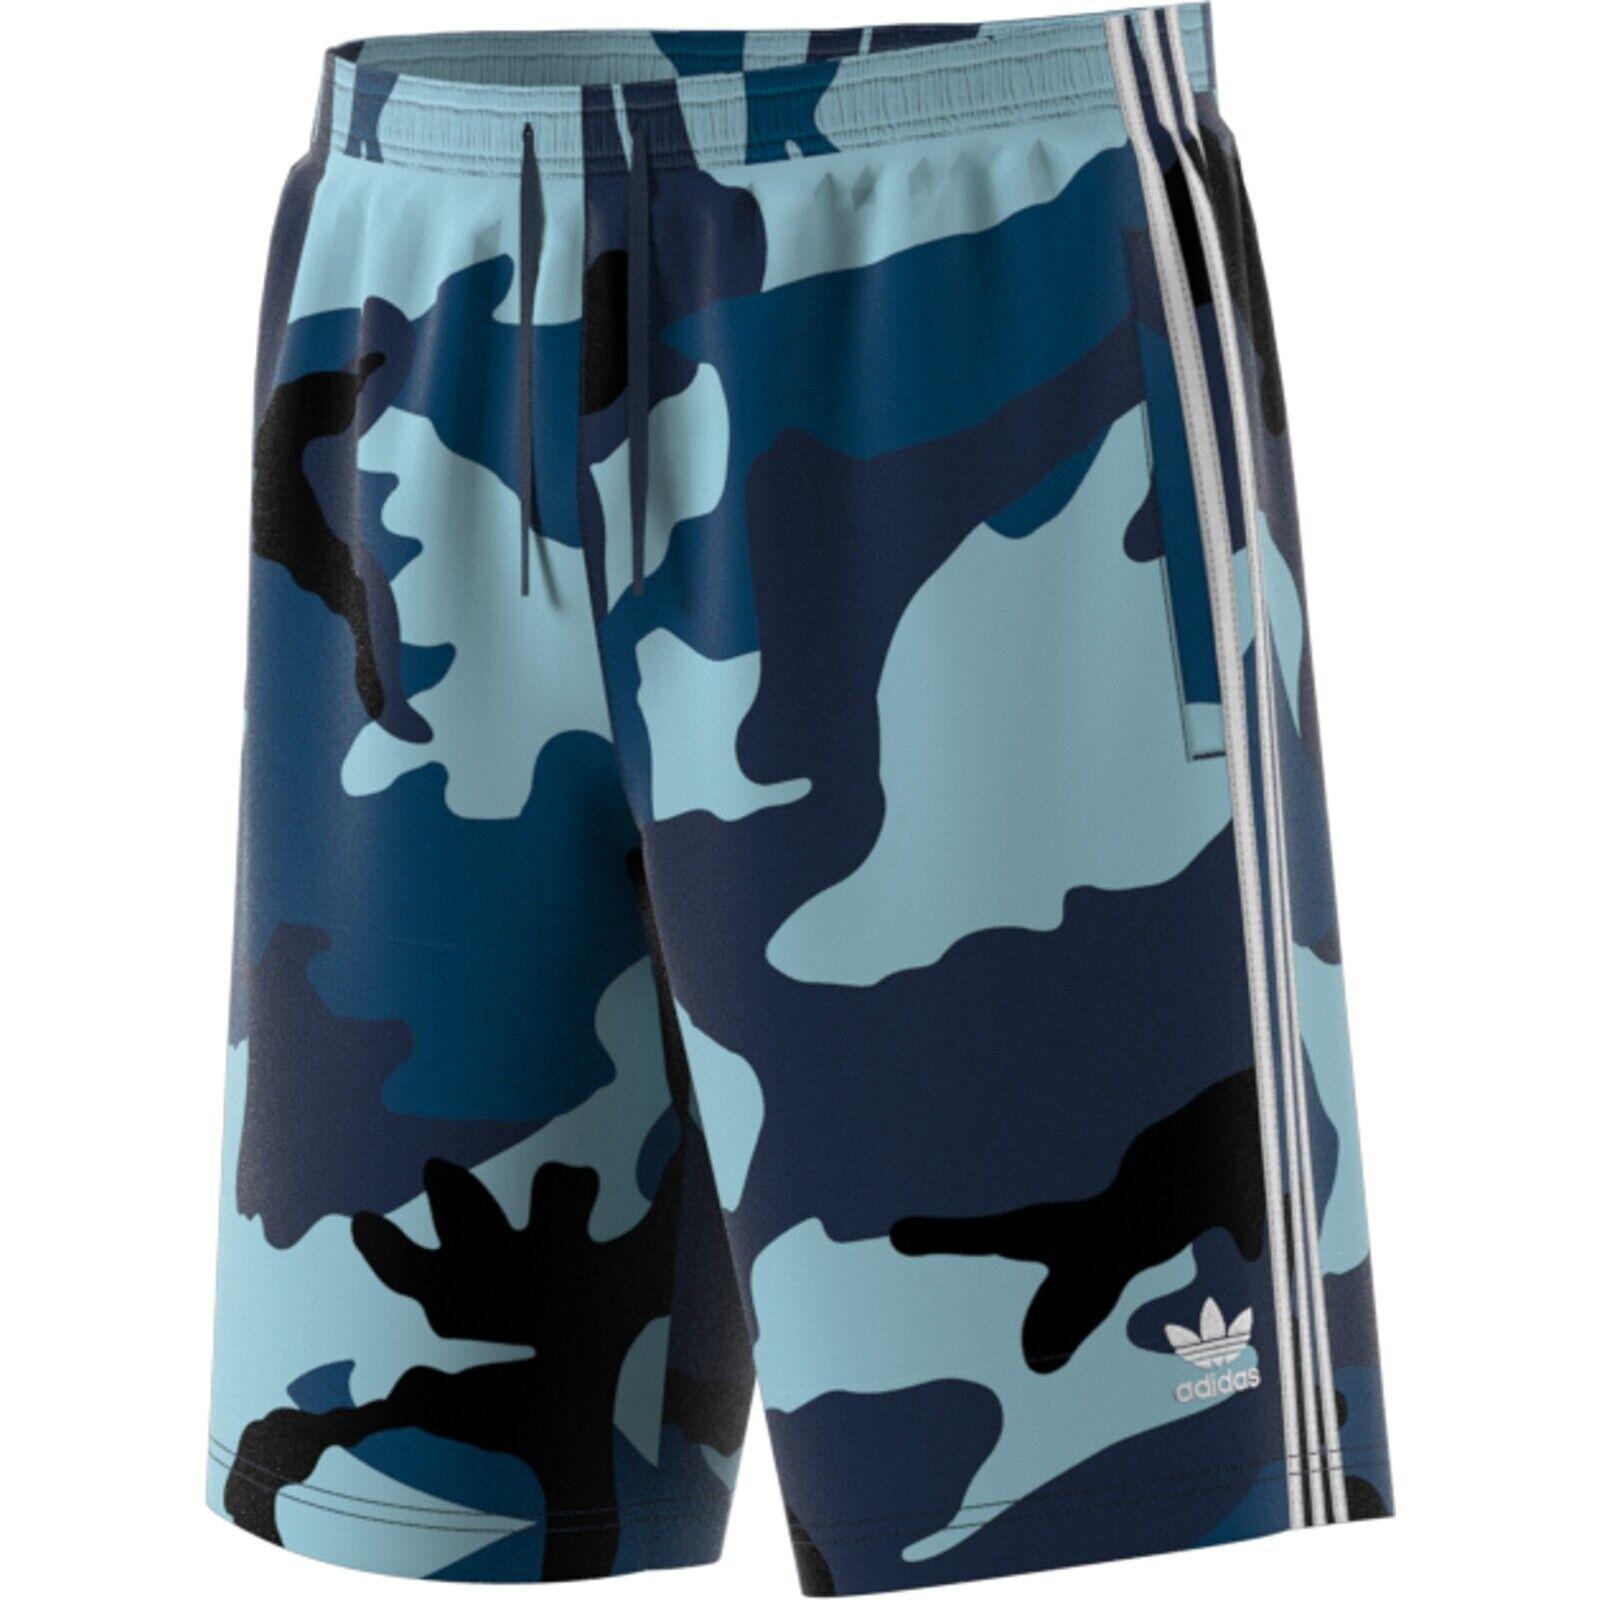 Adidas Mimetico Short Pantaloncini Uomo Multicolore Conavy 16242